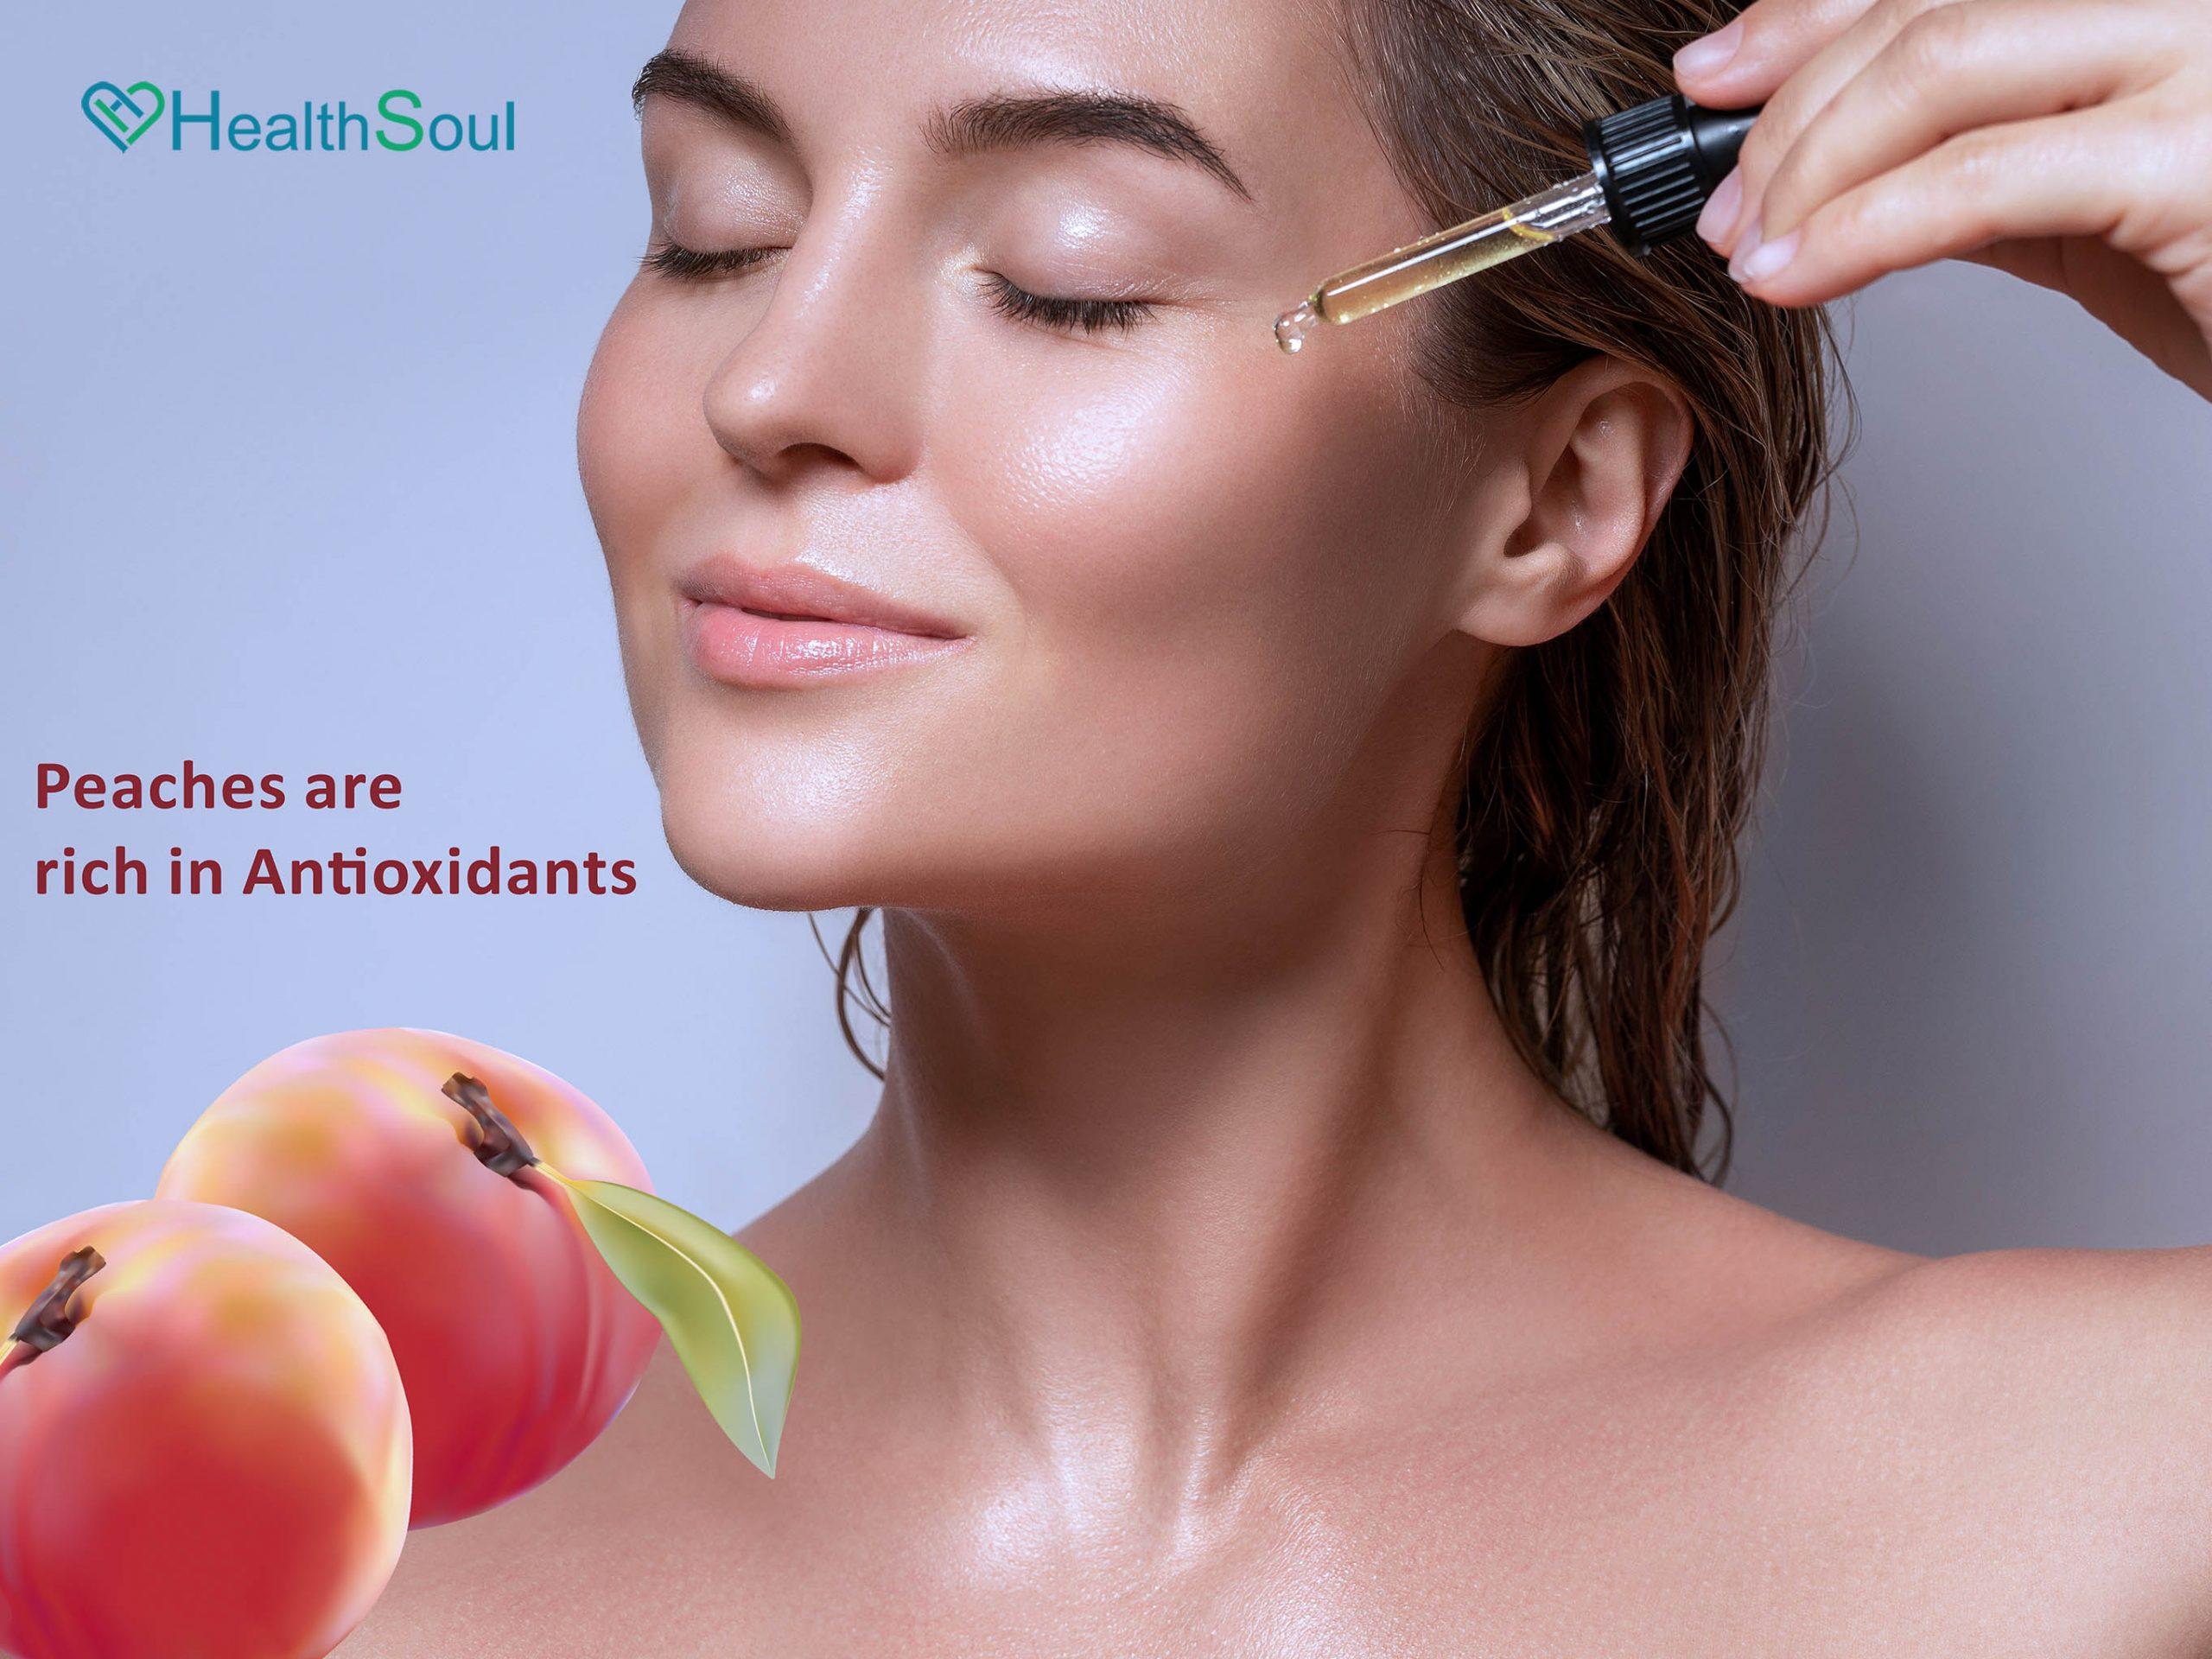 Peaches Rich in Antioxidants